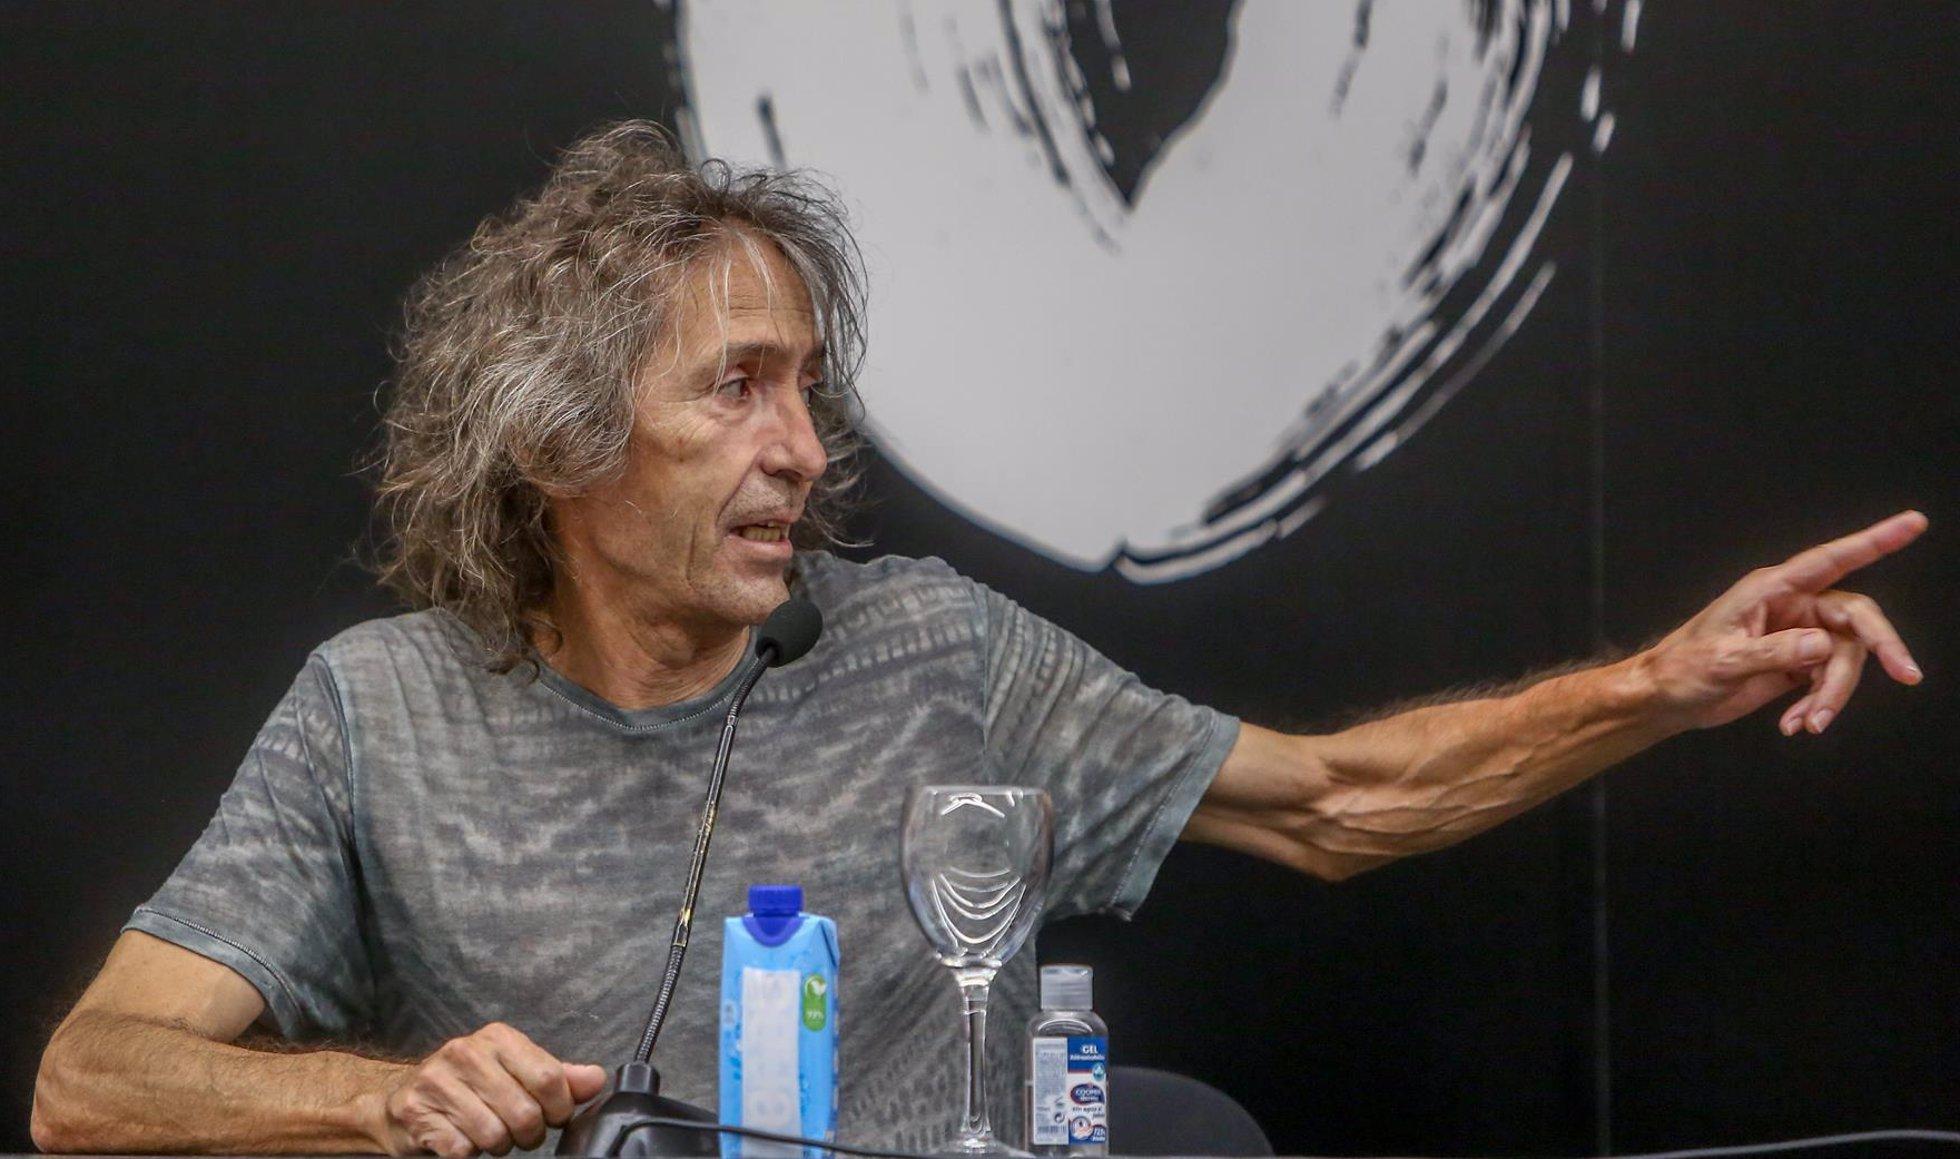 El cantante de Extremoduro, Robe Iniesta, durante una rueda de prensa en el Círculo de Bellas Artes, a 11 de agosto de 2021, en Madrid, (España). Durante la rueda de prensa, el guitarrista, cantante y compositor de Extremoduro, ha presentado su nueva gira